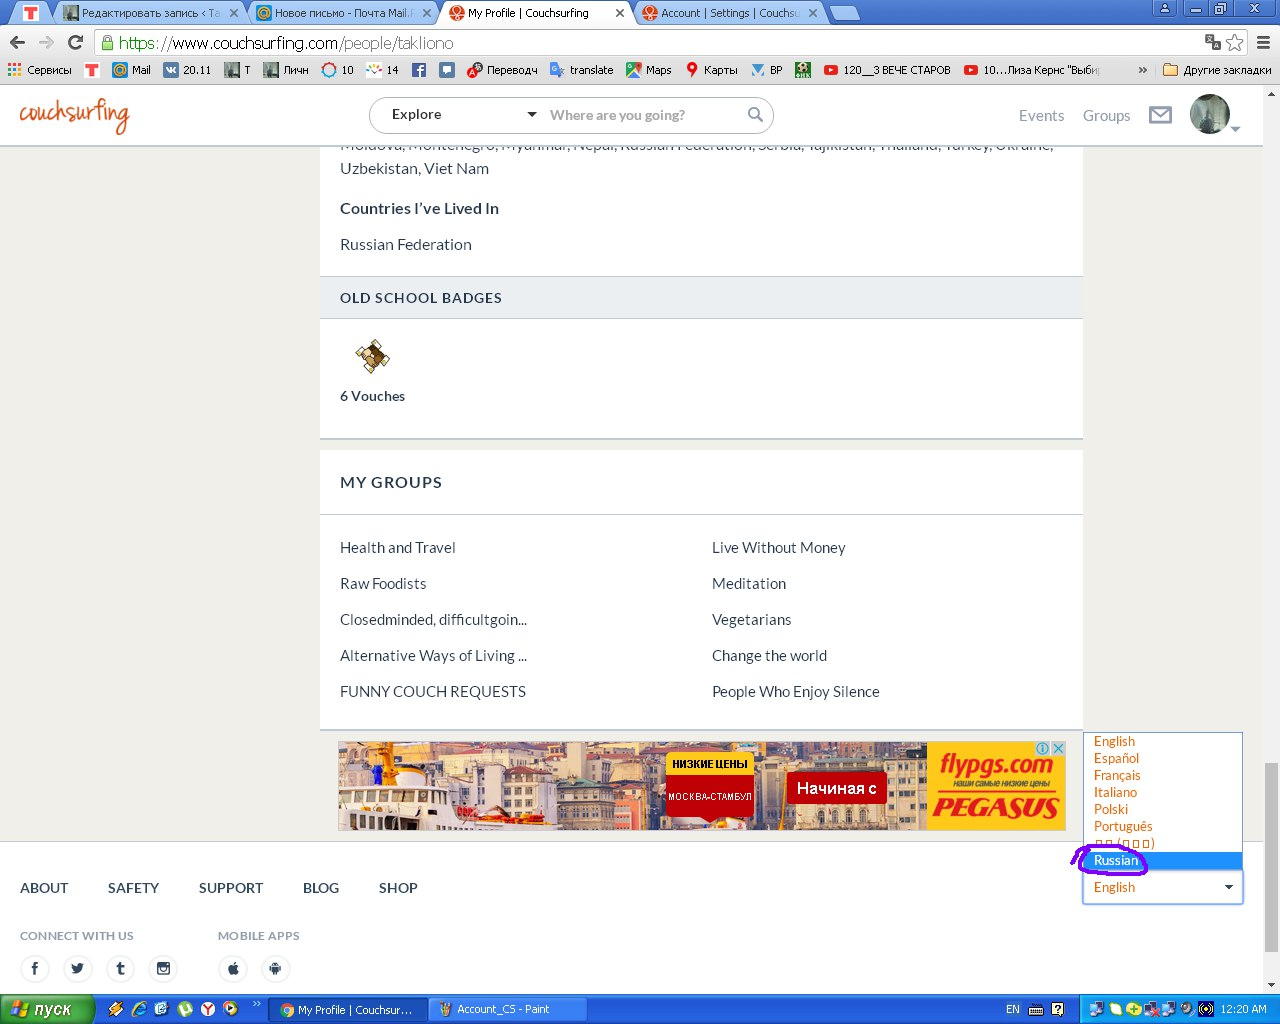 В самом низу справа почти любой страницы сайта каучсёрфинг есть кнопка с языками, где можно изменить язык на русский.